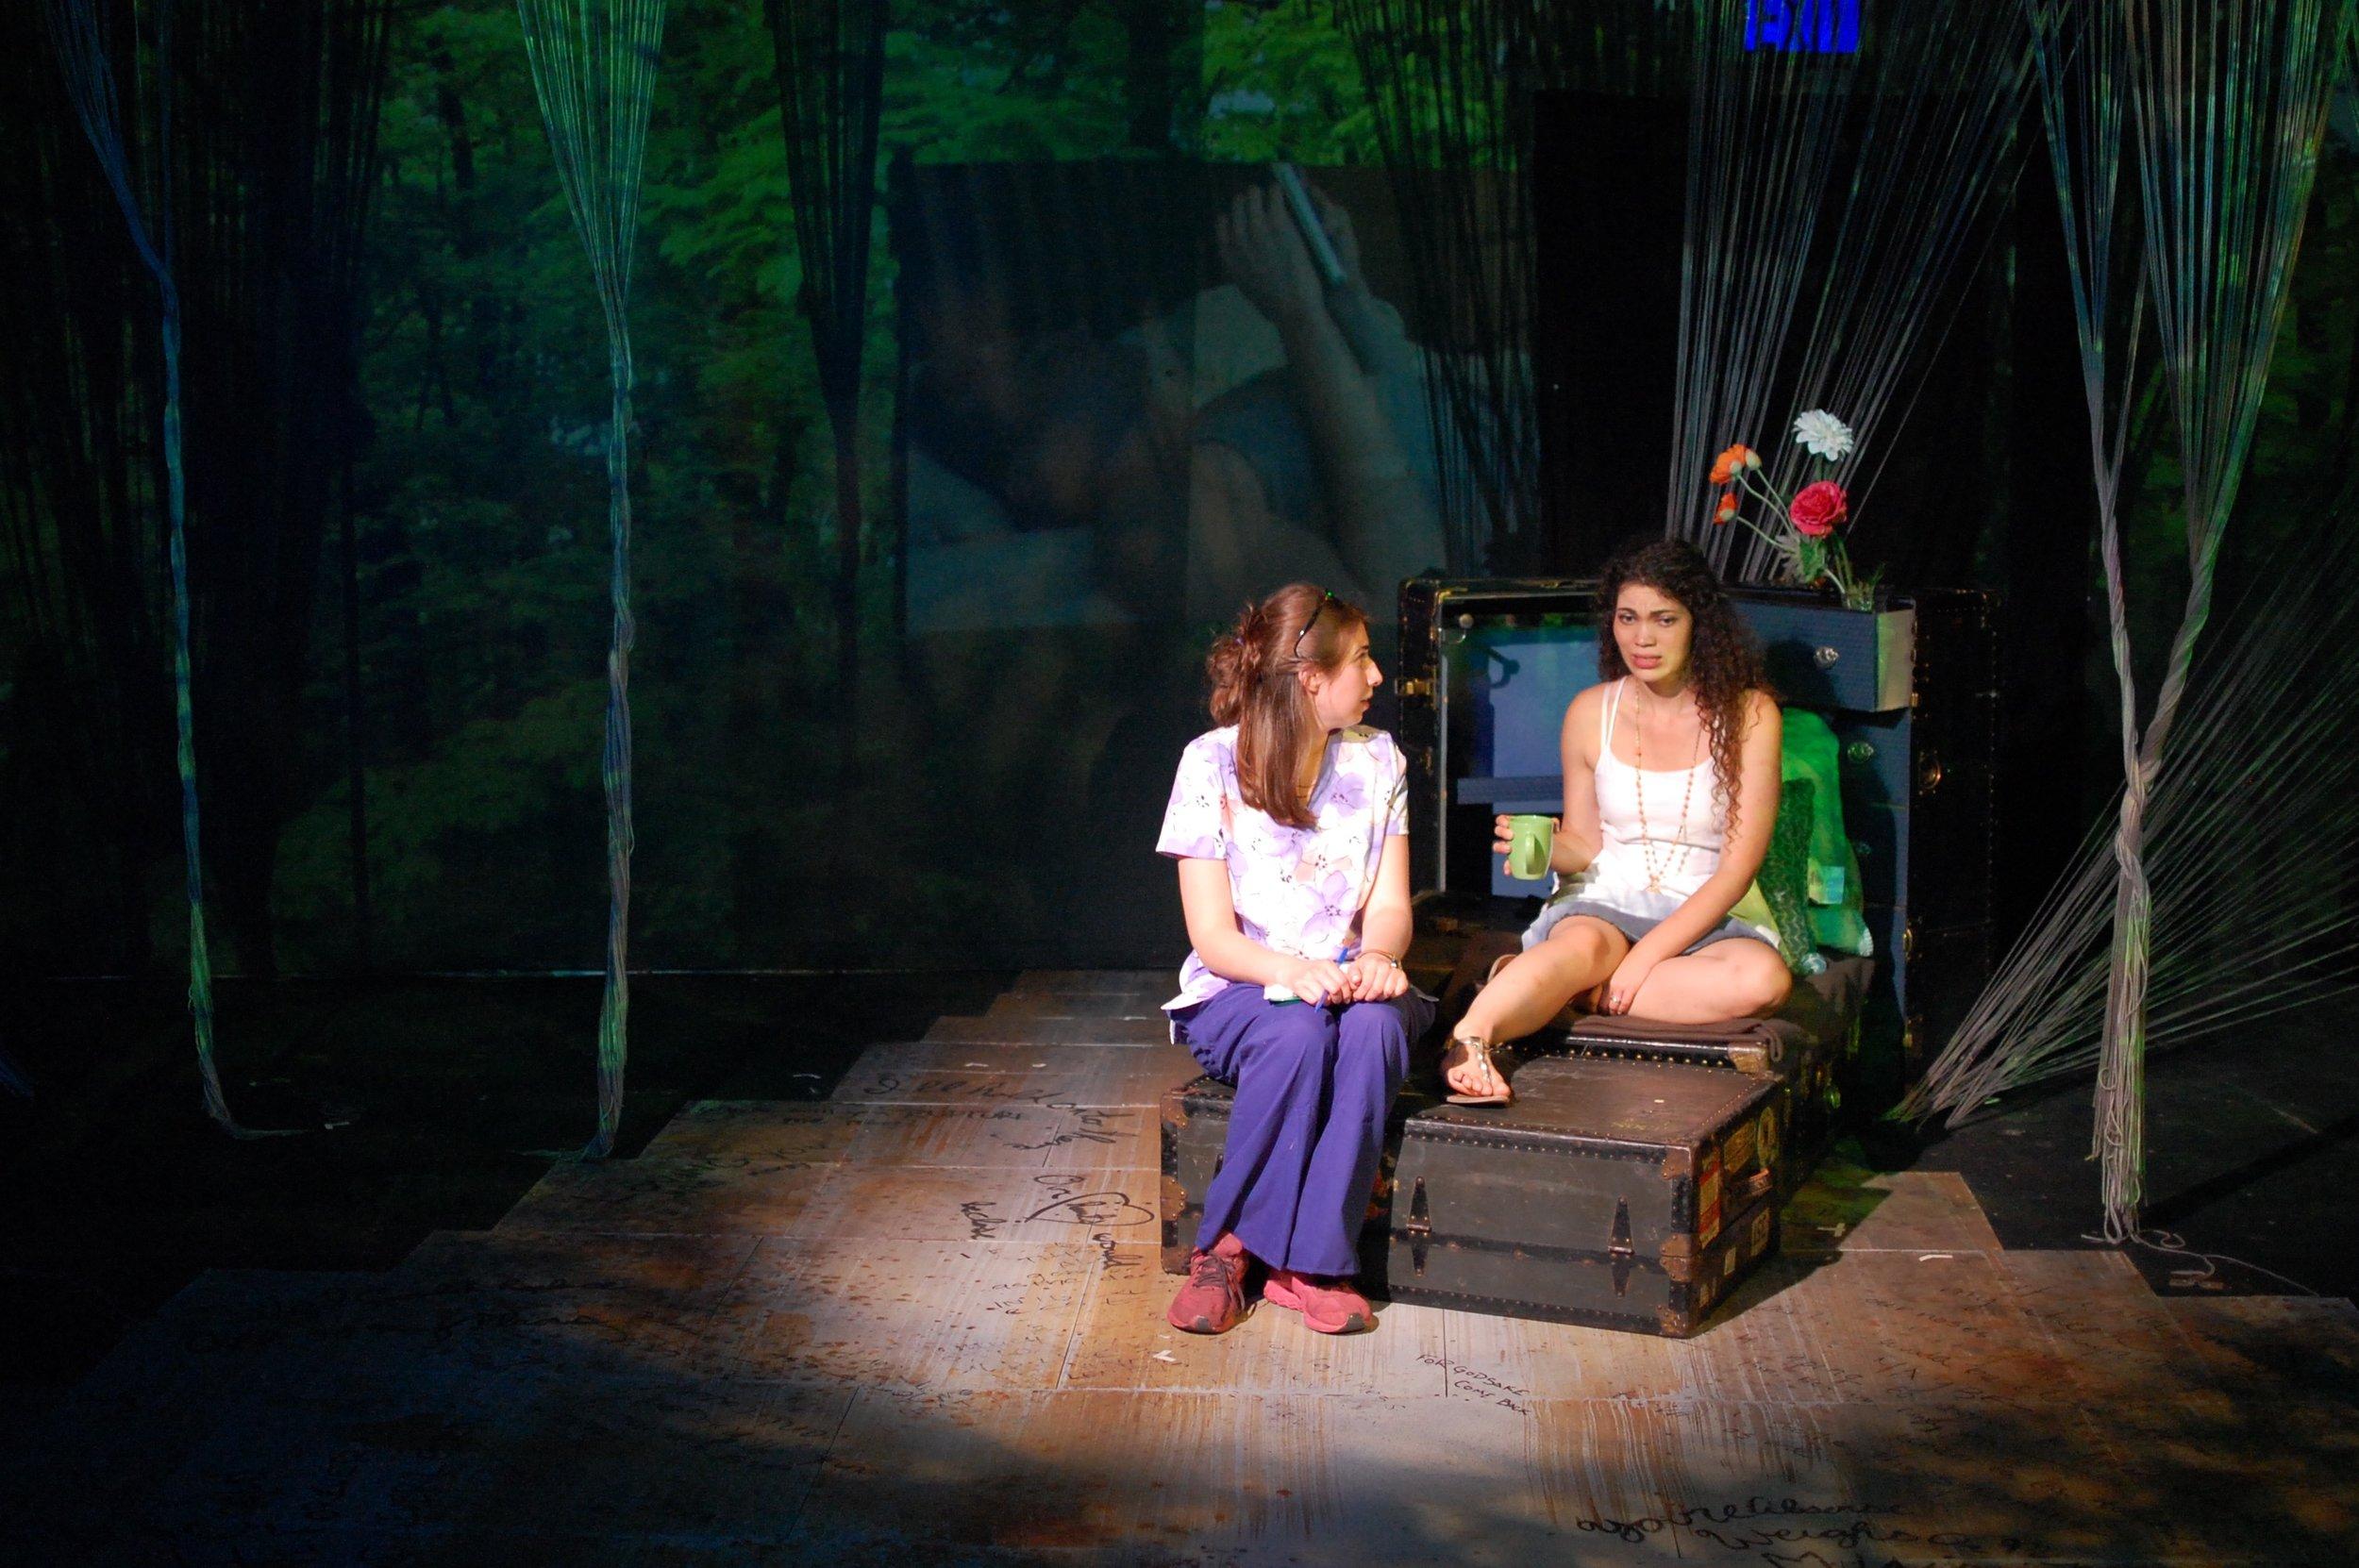 Eurydice confides in the nurse